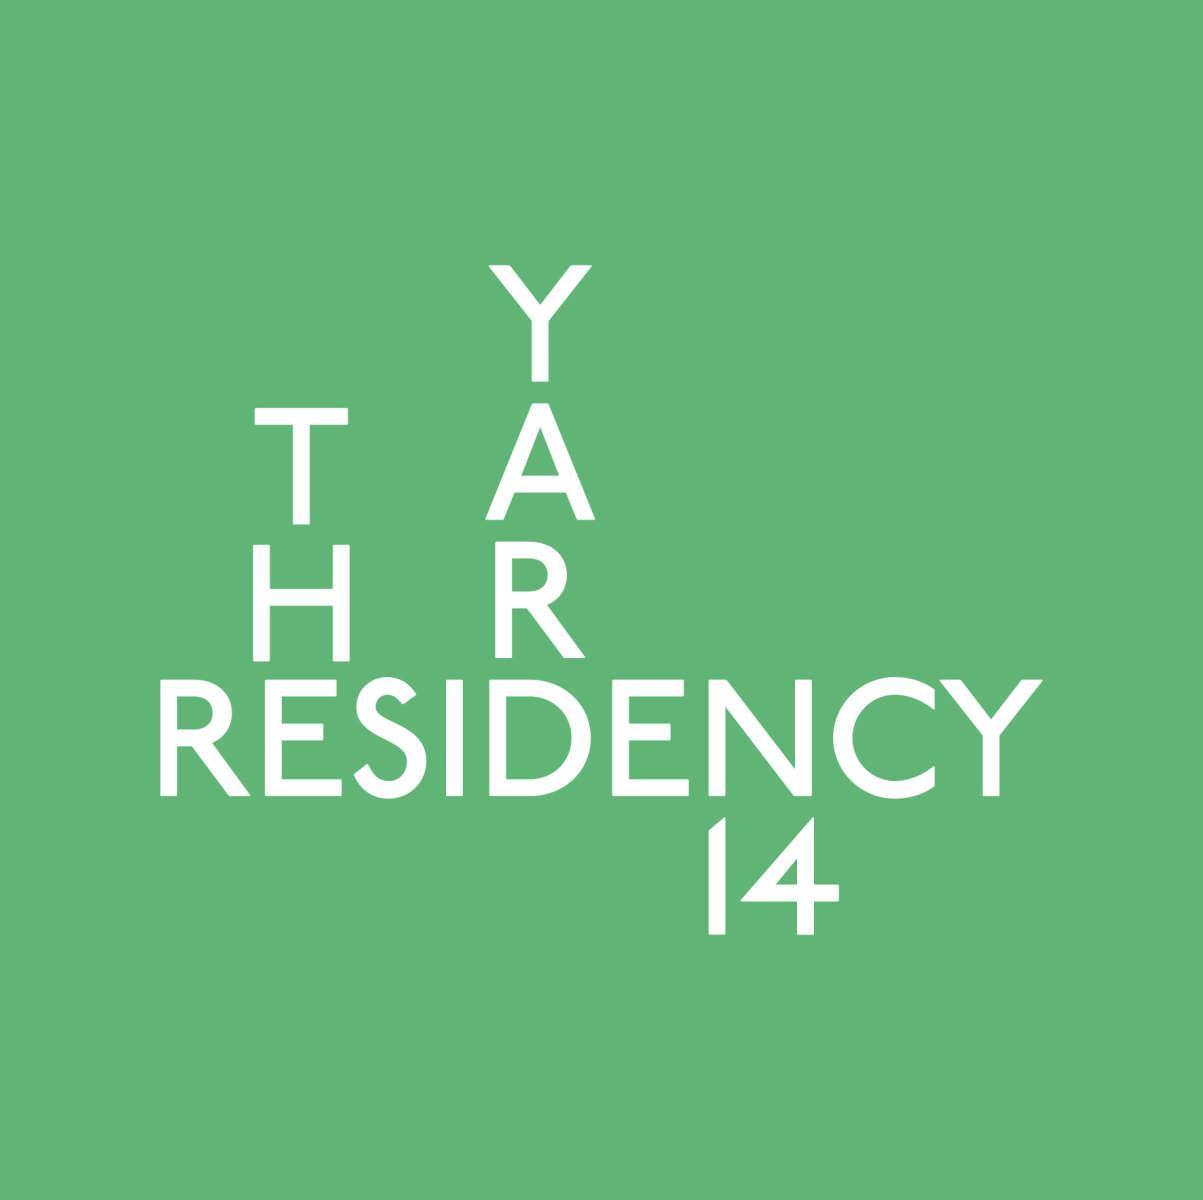 yard14logo_green